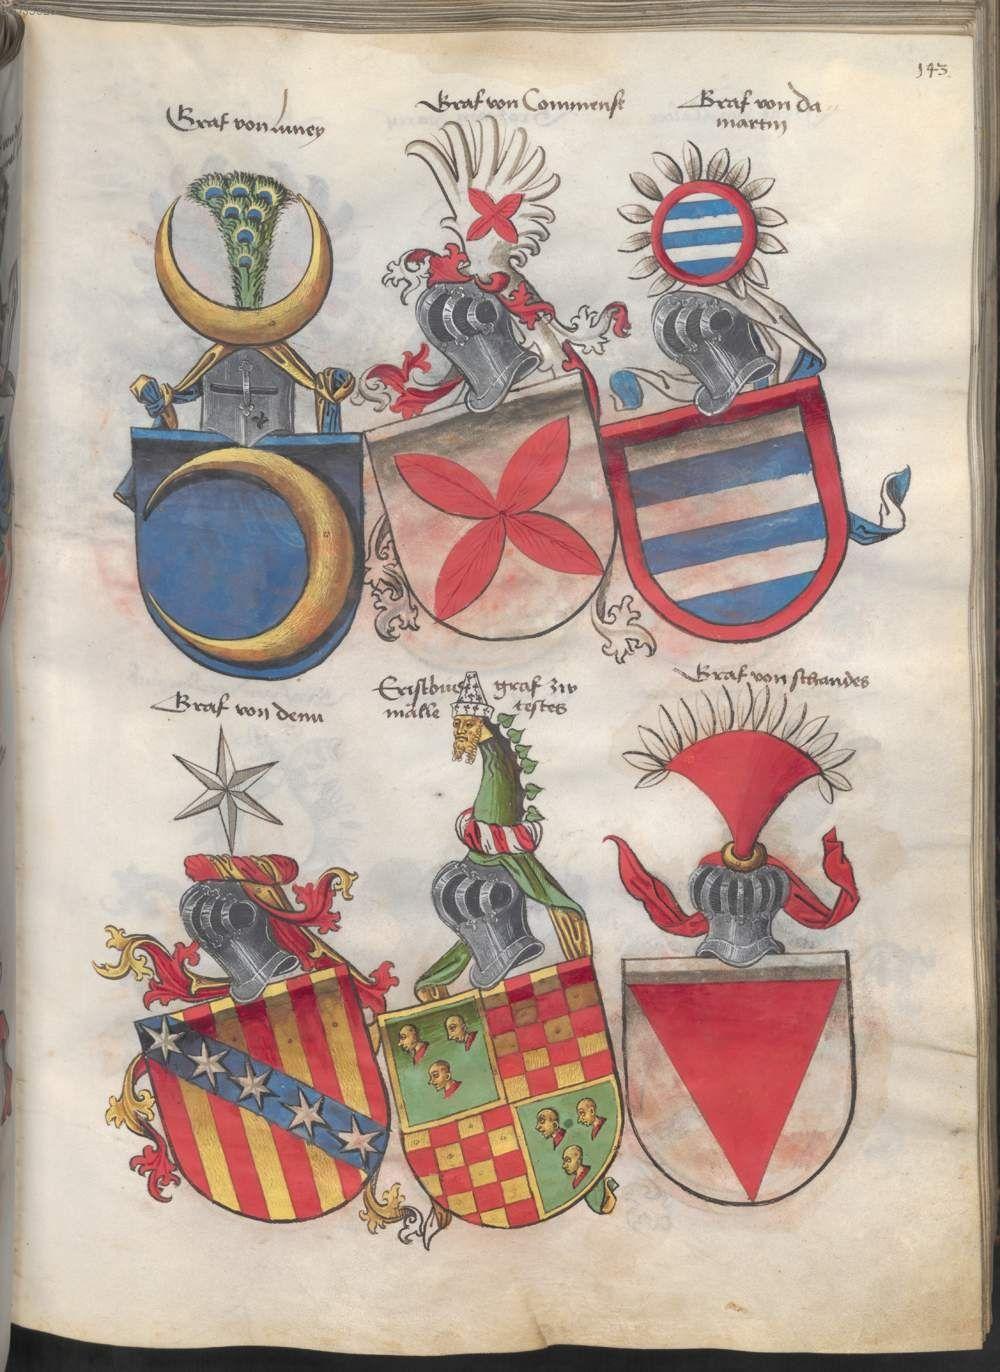 Grünenberg, Konrad: Das Wappenbuch Conrads von Grünenberg, Ritters und Bürgers zu Constanz um 1480 Cgm 145 Folio 148